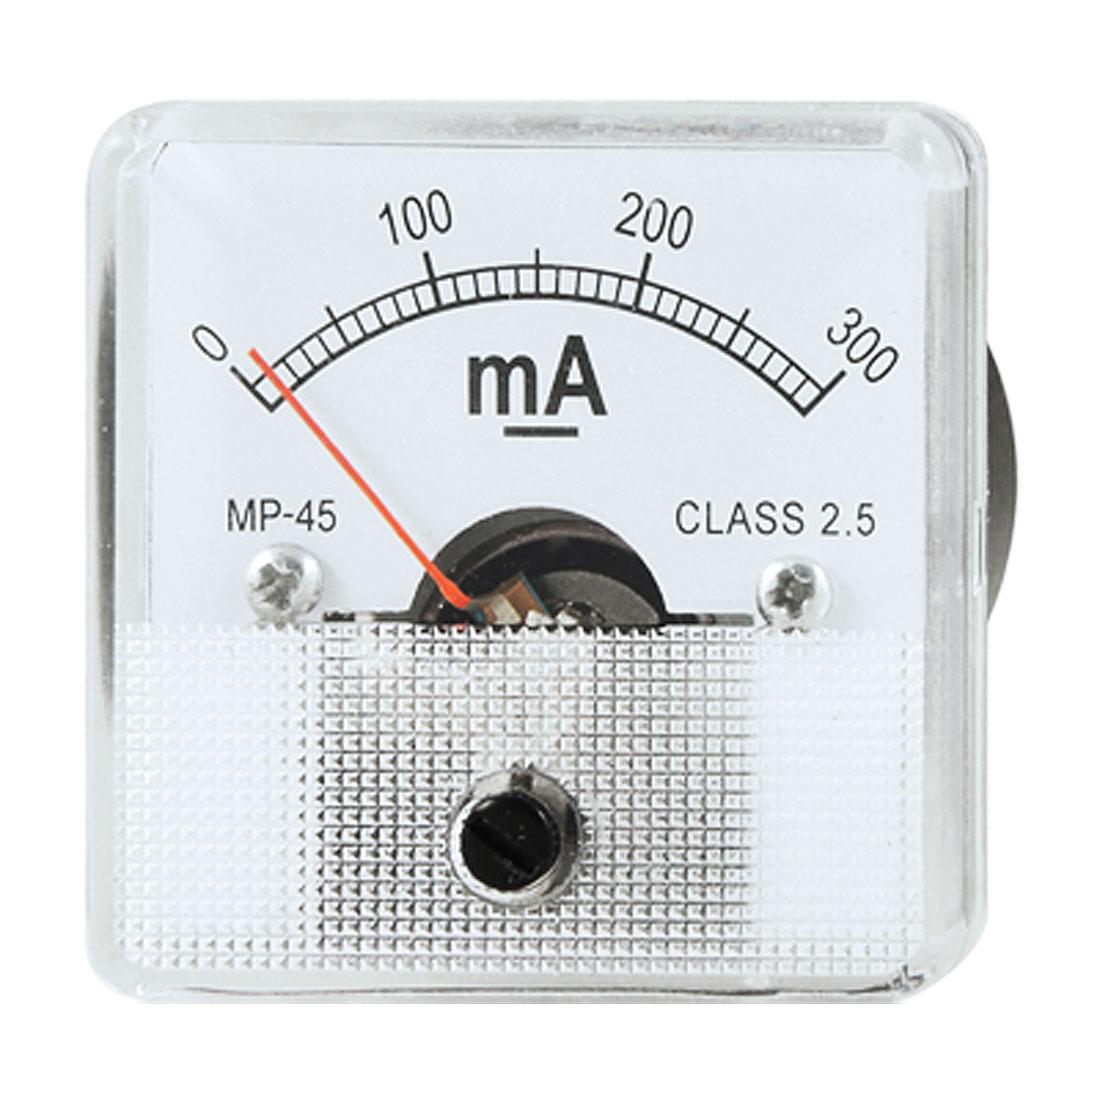 Analog Current Panel Meter DC 300 Milliampere Ammeter